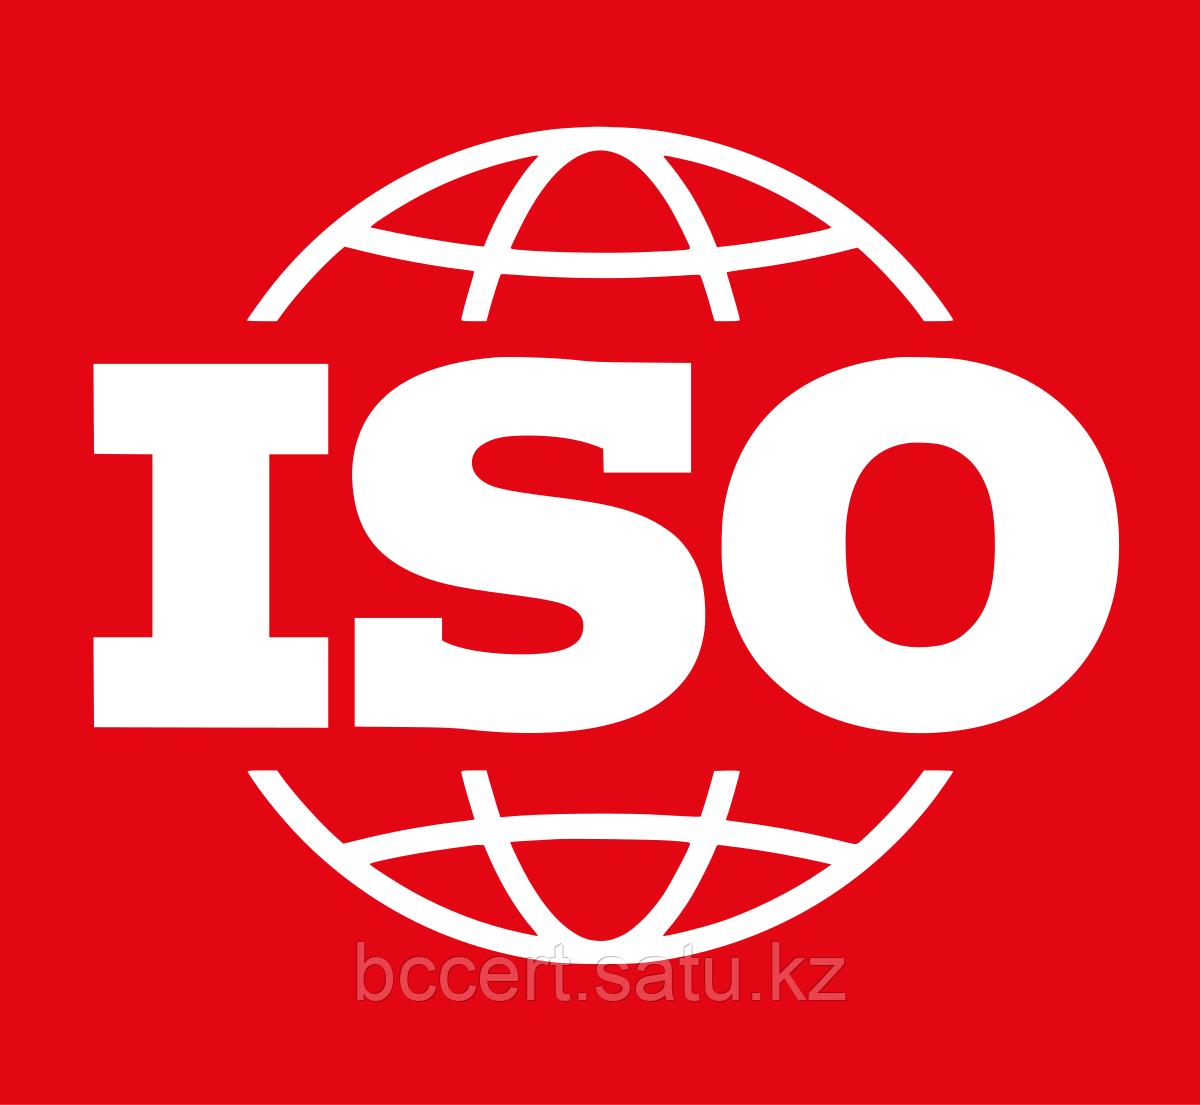 Сертификаты ИСО 9001, ИСО 14001, г. Павлодар